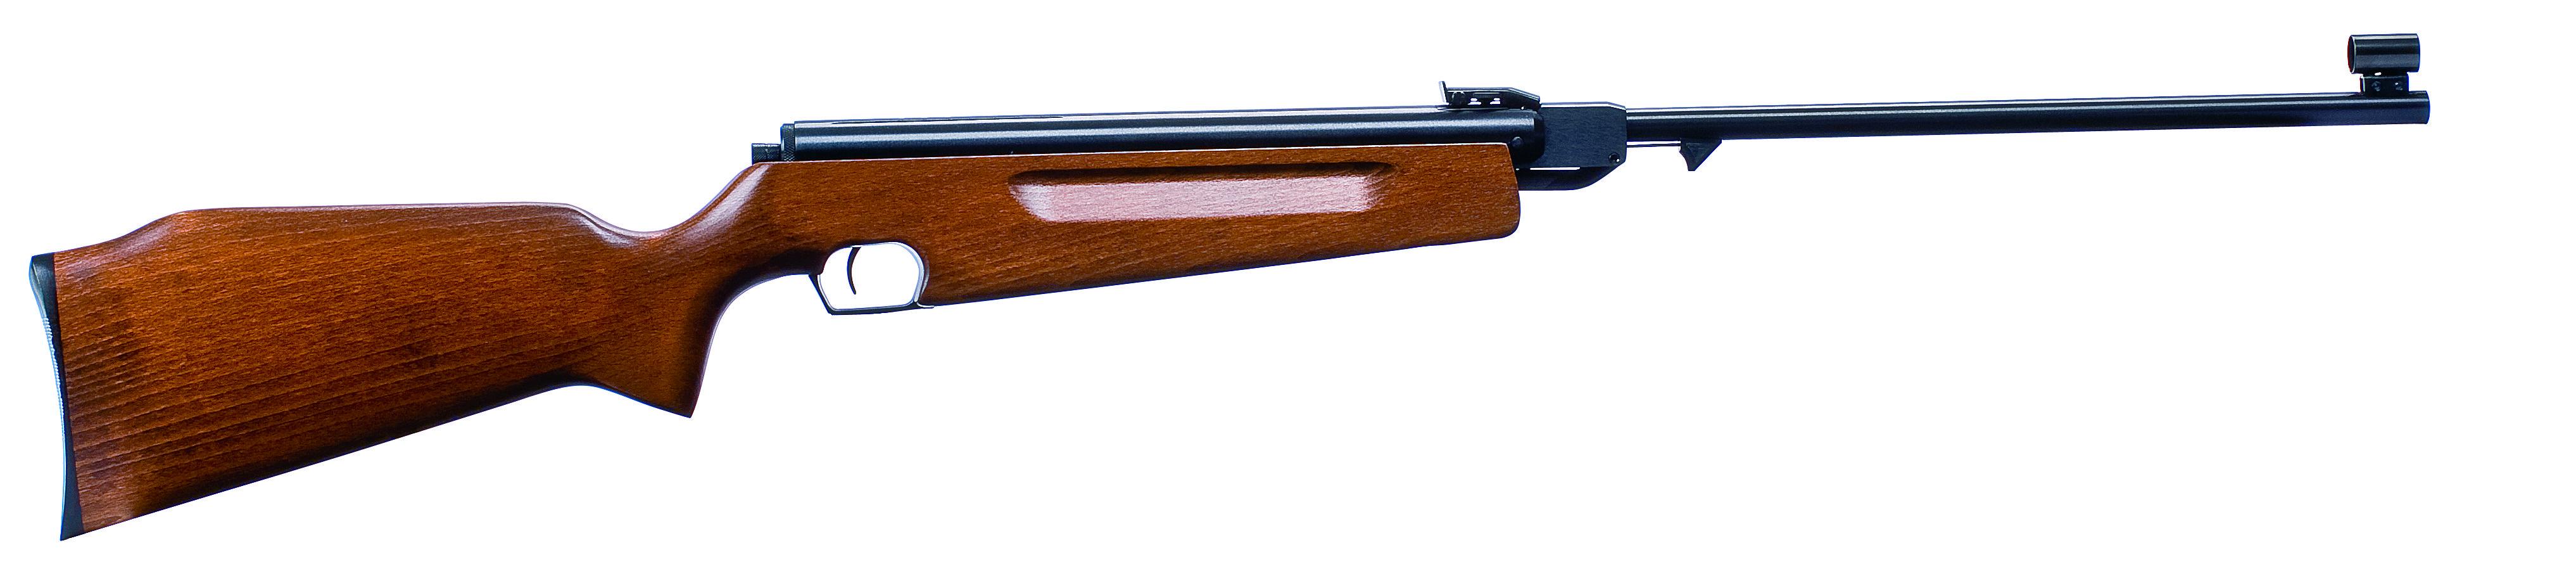 Pin On Air Guns Cz